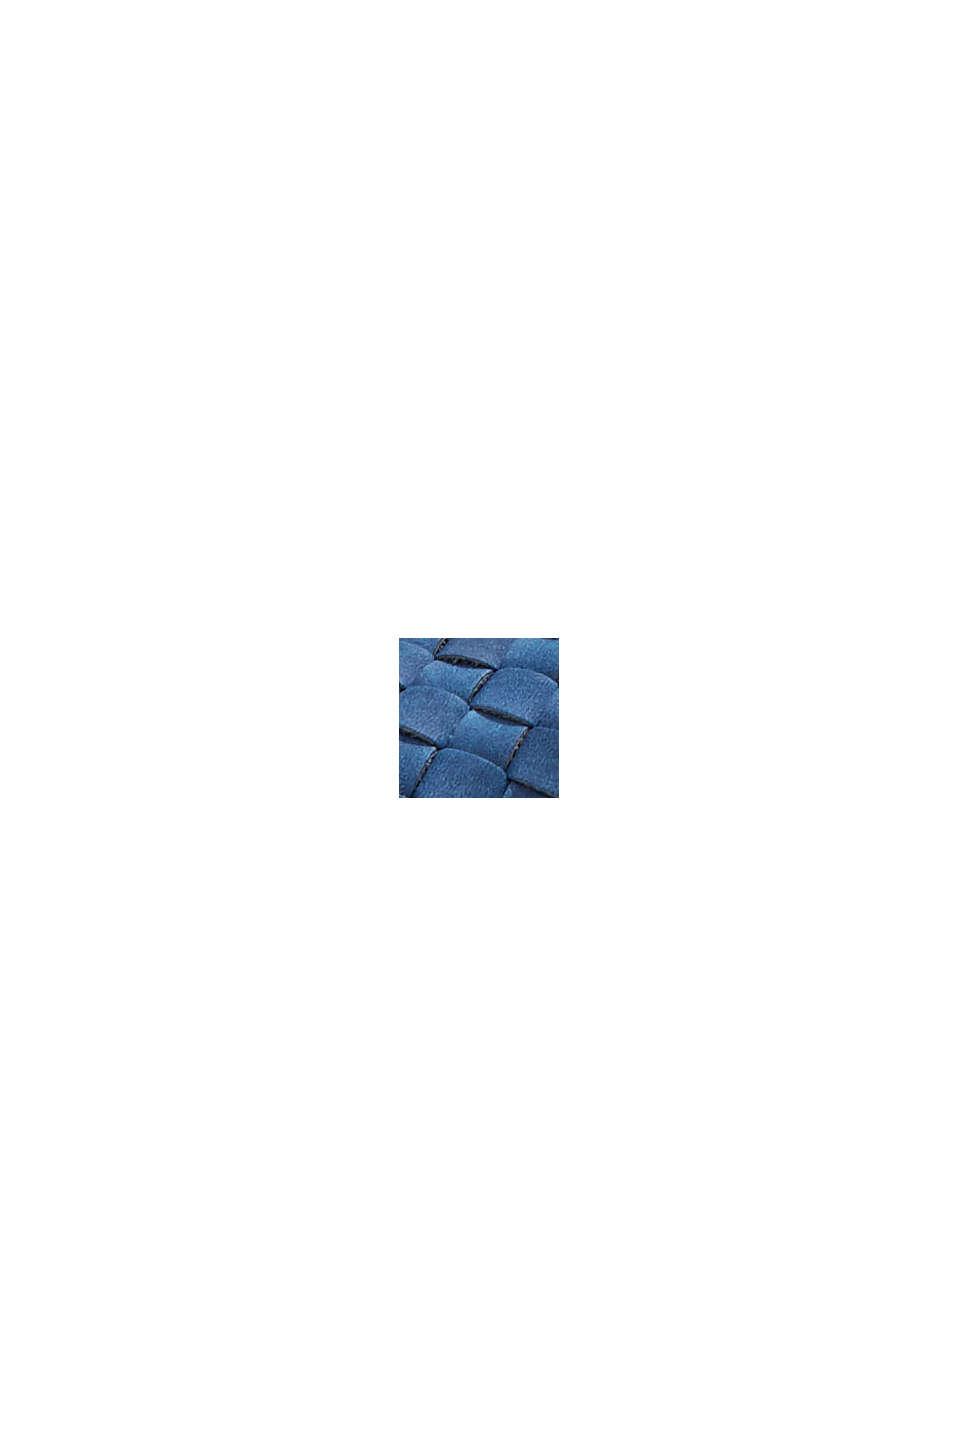 Flätade sandaler i skinnlook, DARK BLUE, swatch